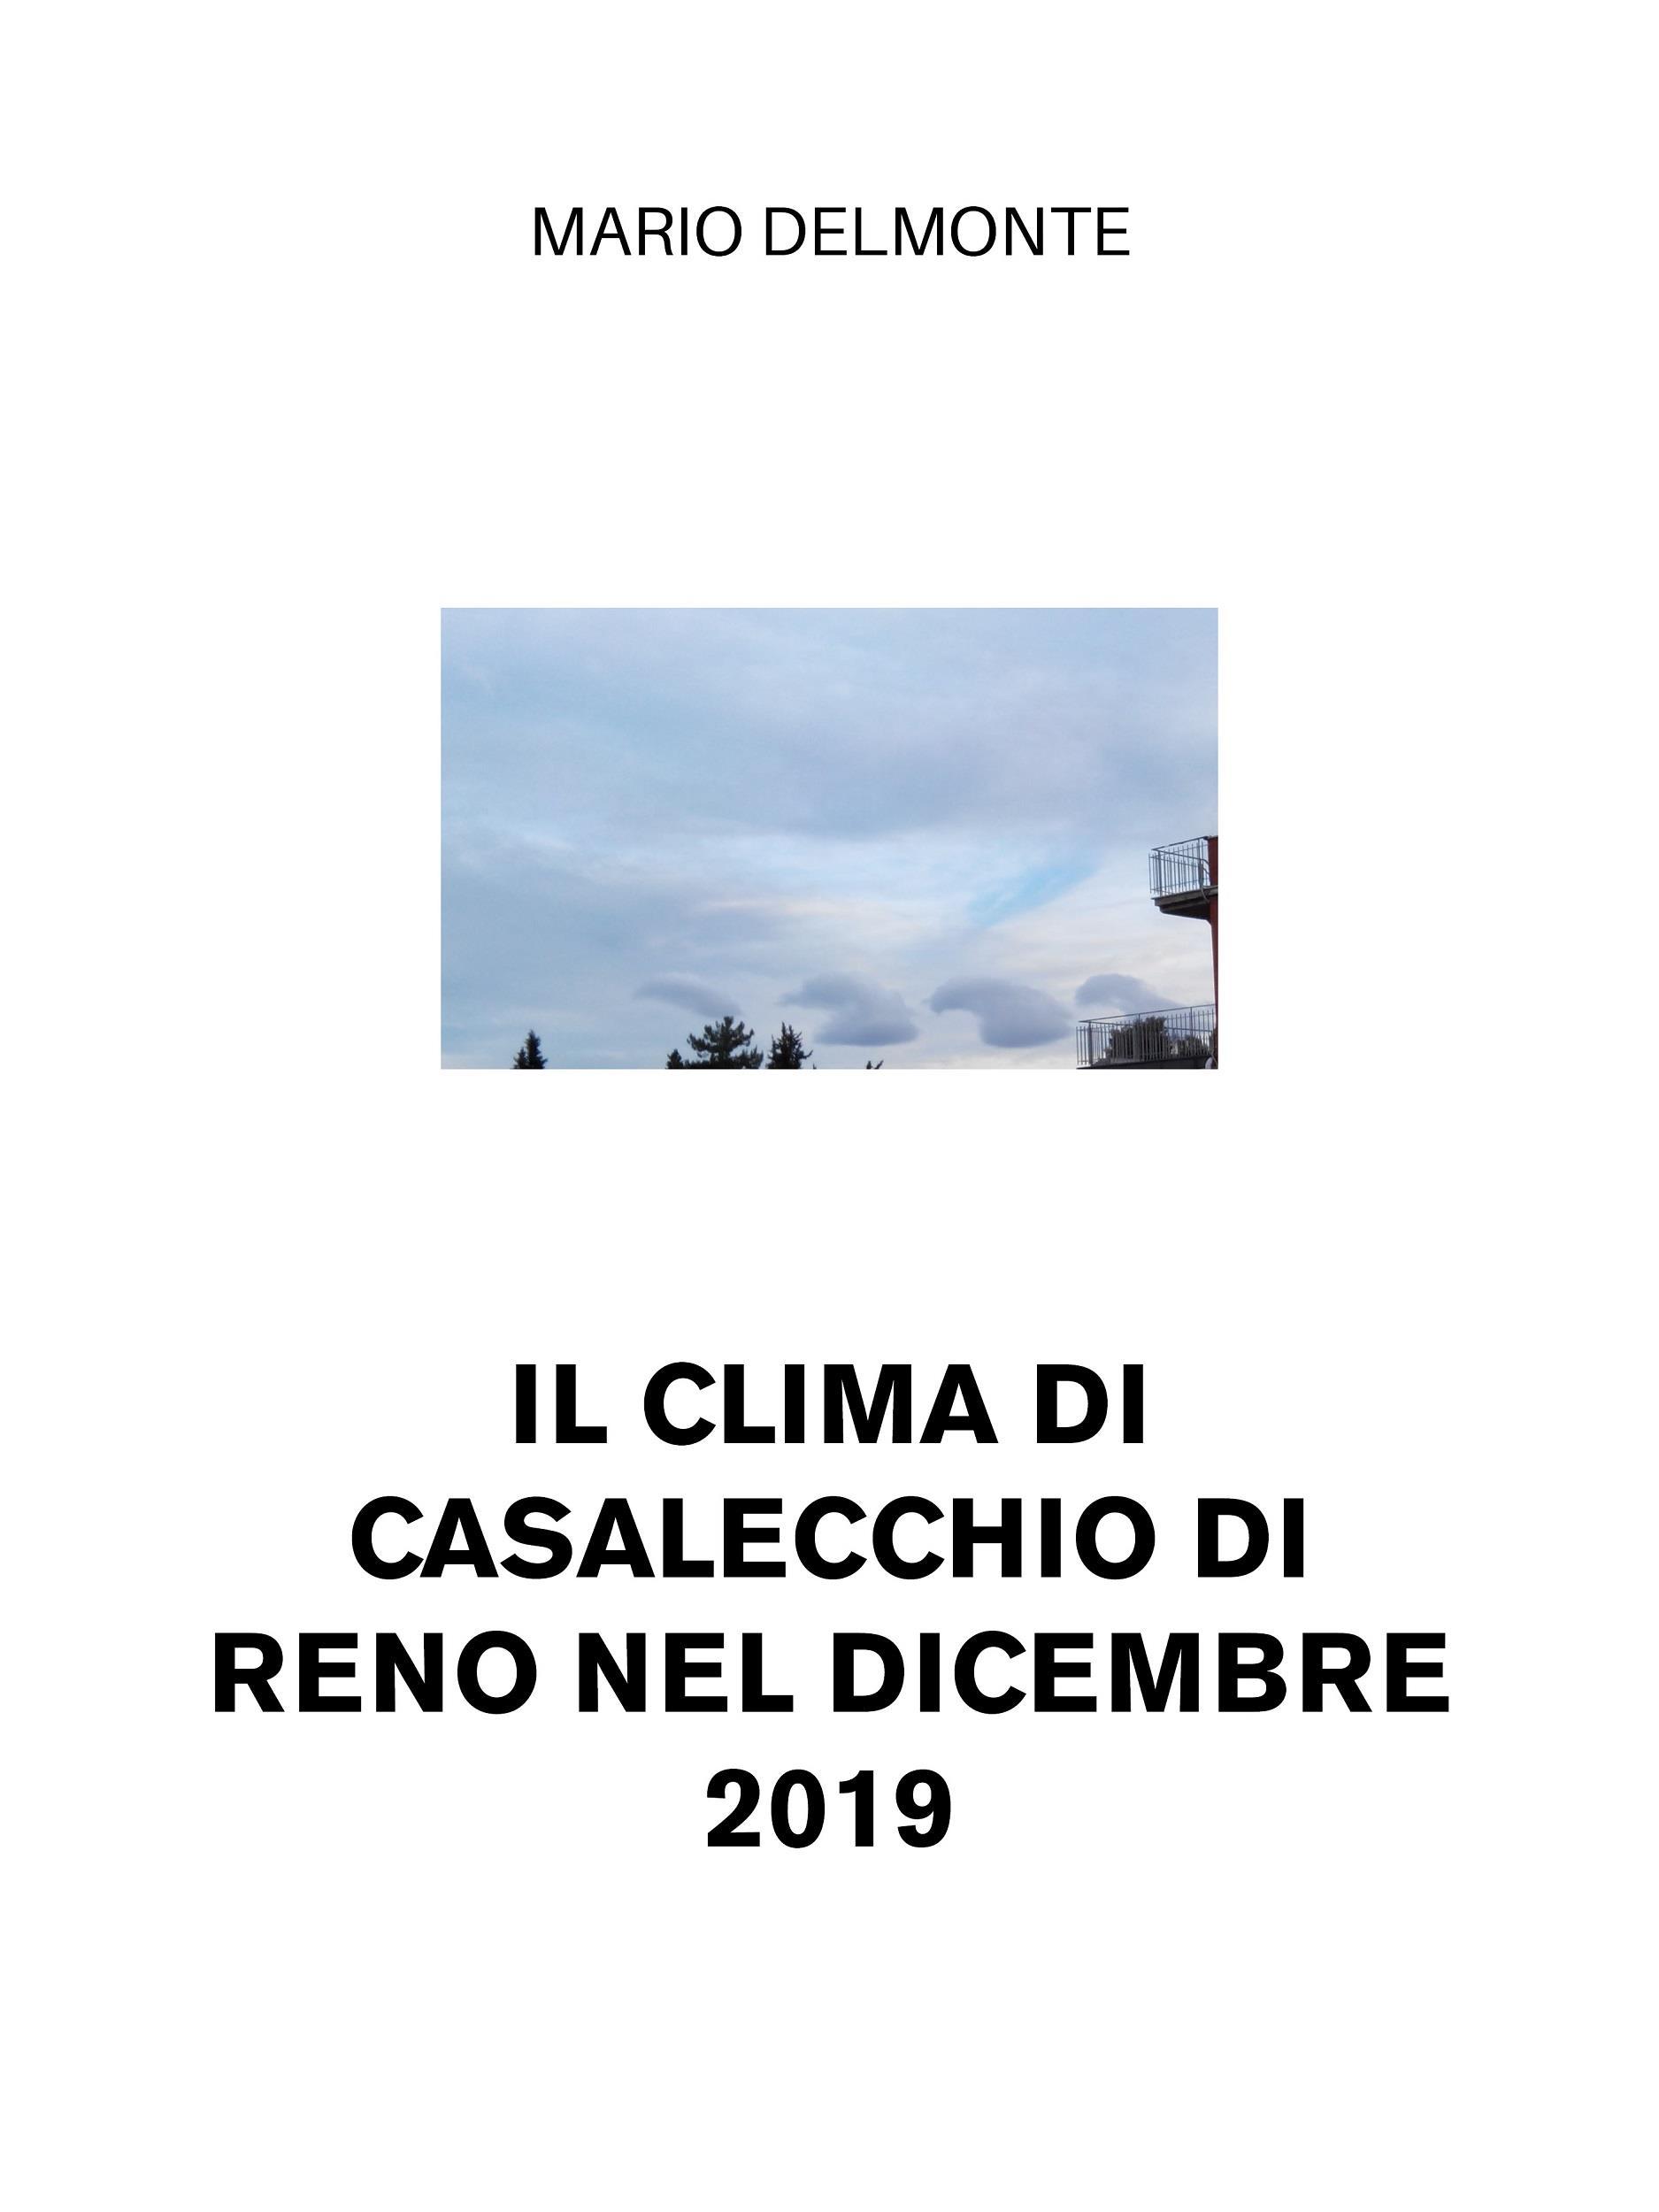 Il Clima Di Casalecchio Di Reno Nel Dicembre 2019